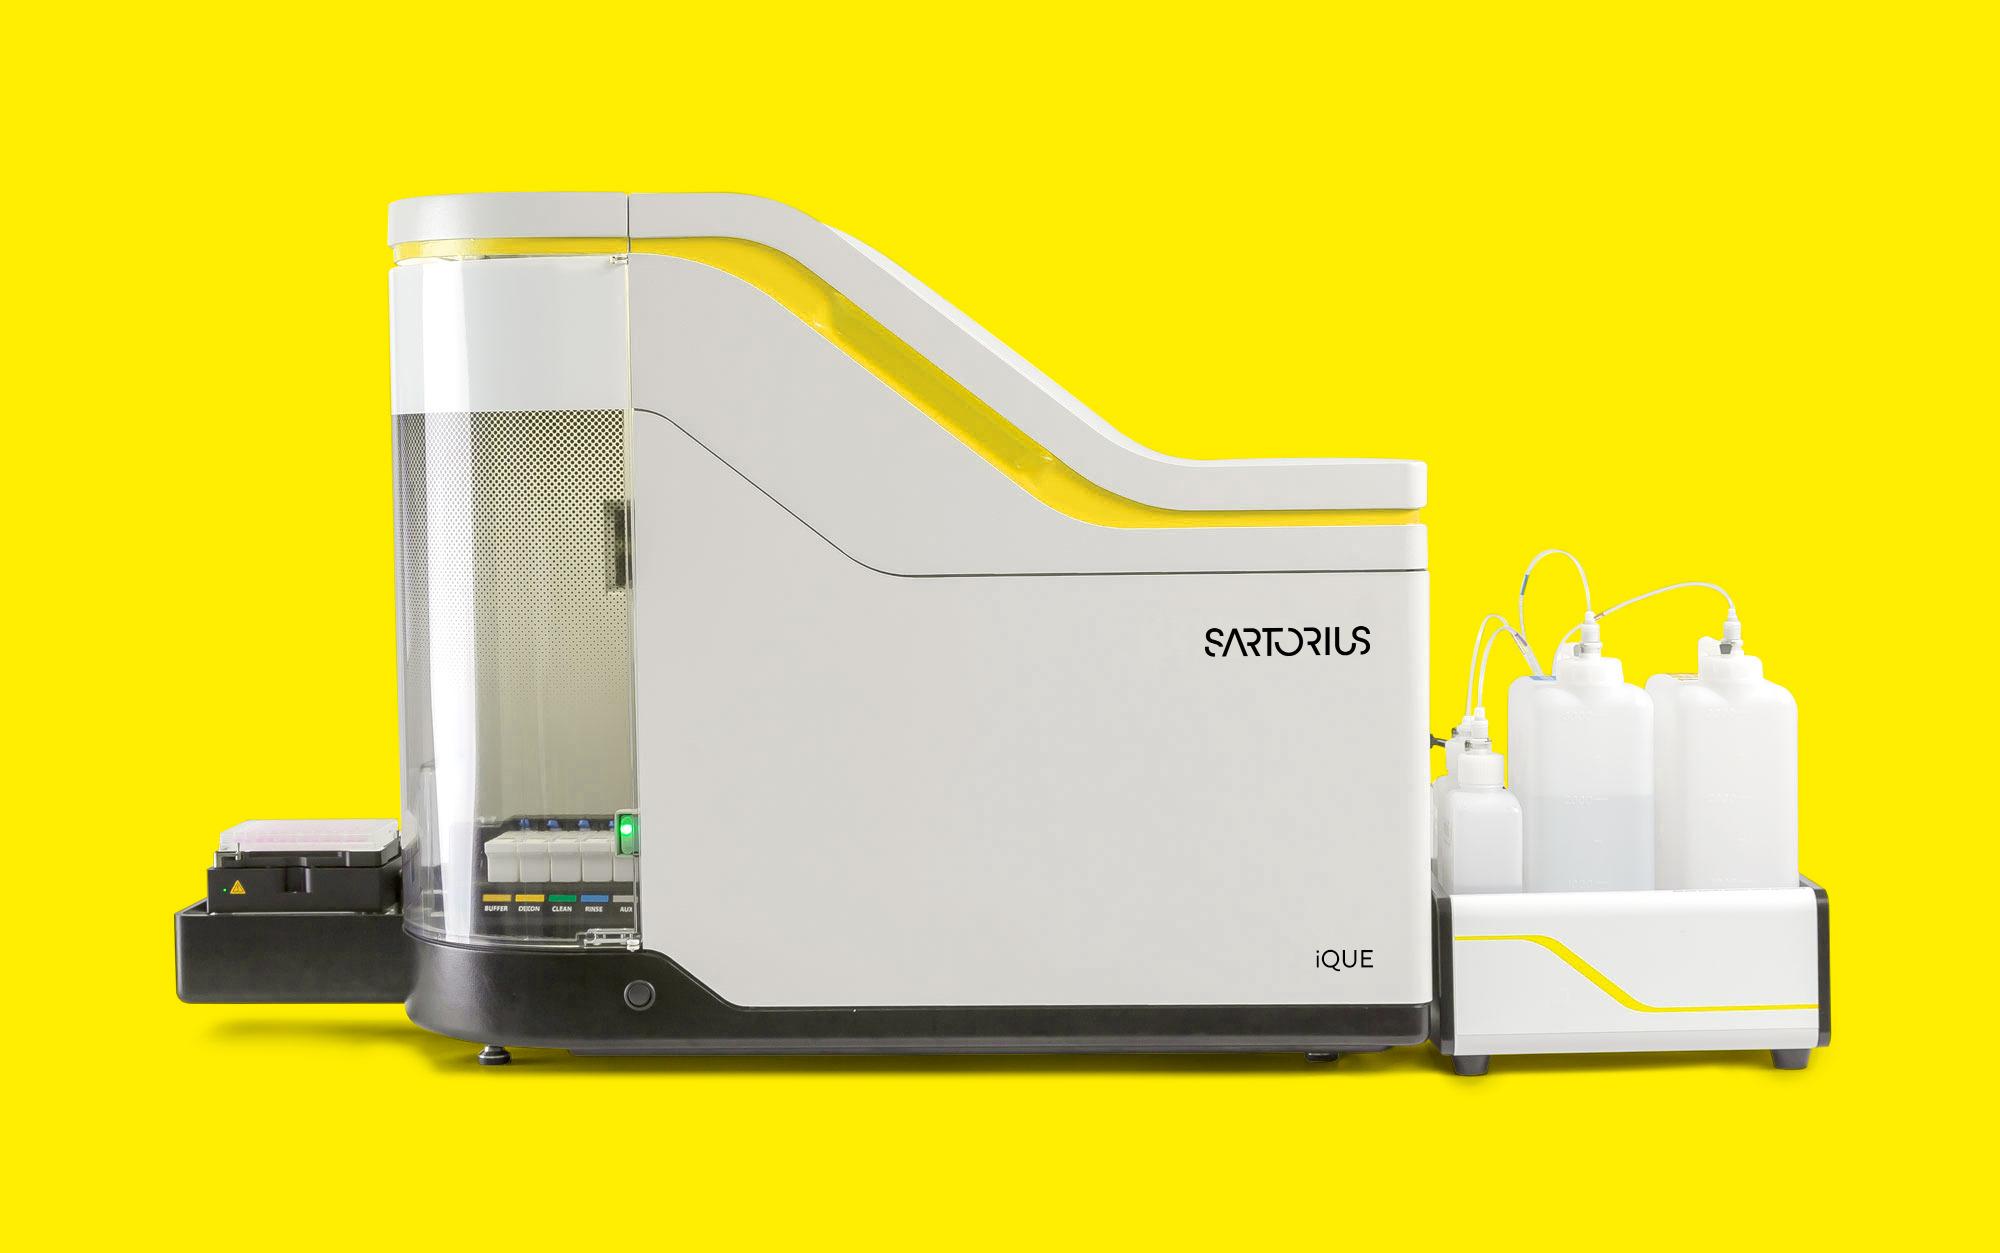 赛多利斯 Intellicyt® iQue3 高通量流式细胞仪